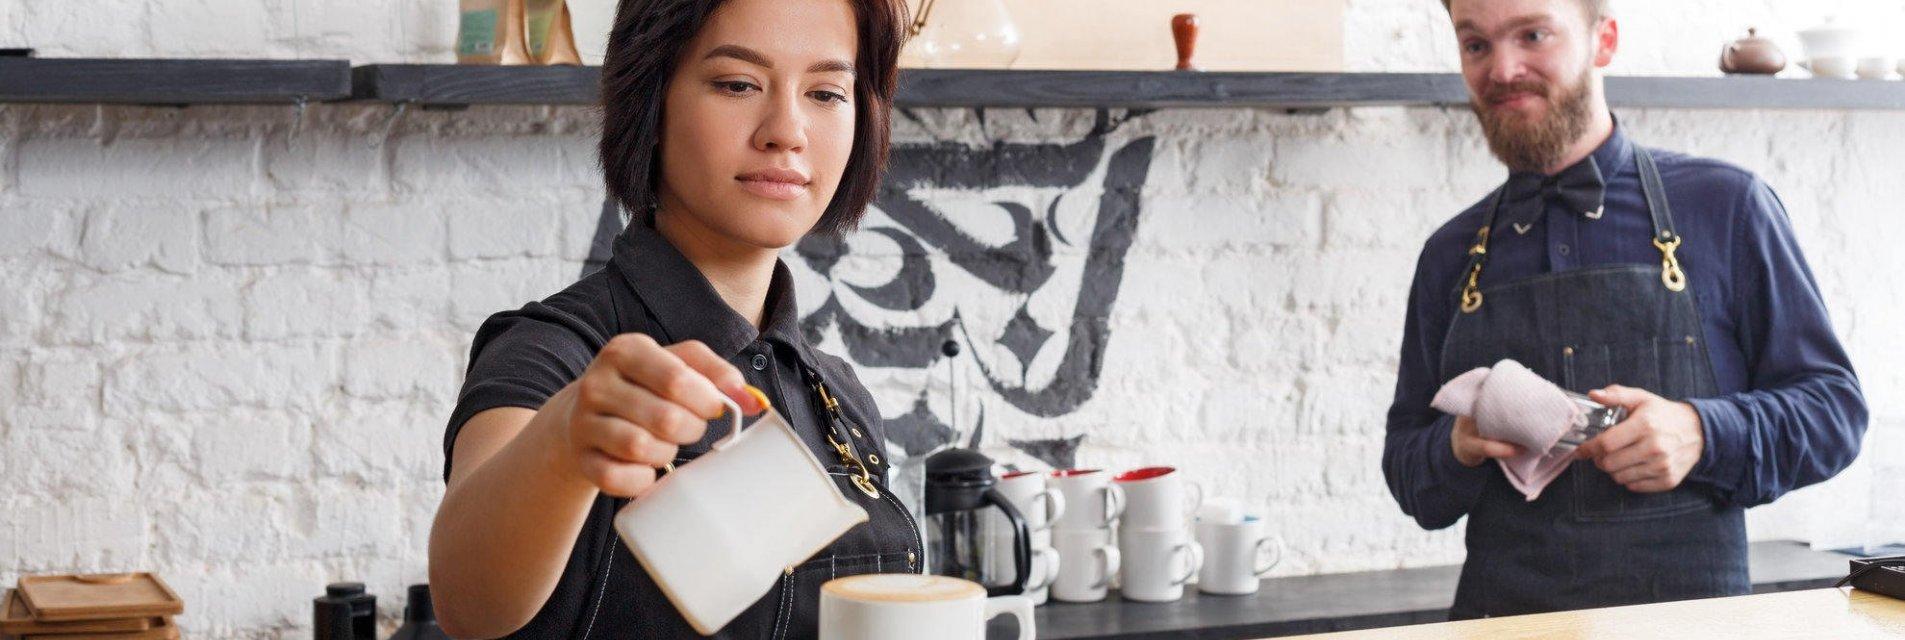 Coffee-Academy: la scuola per preparare al meglio il caffè Brasilmoka